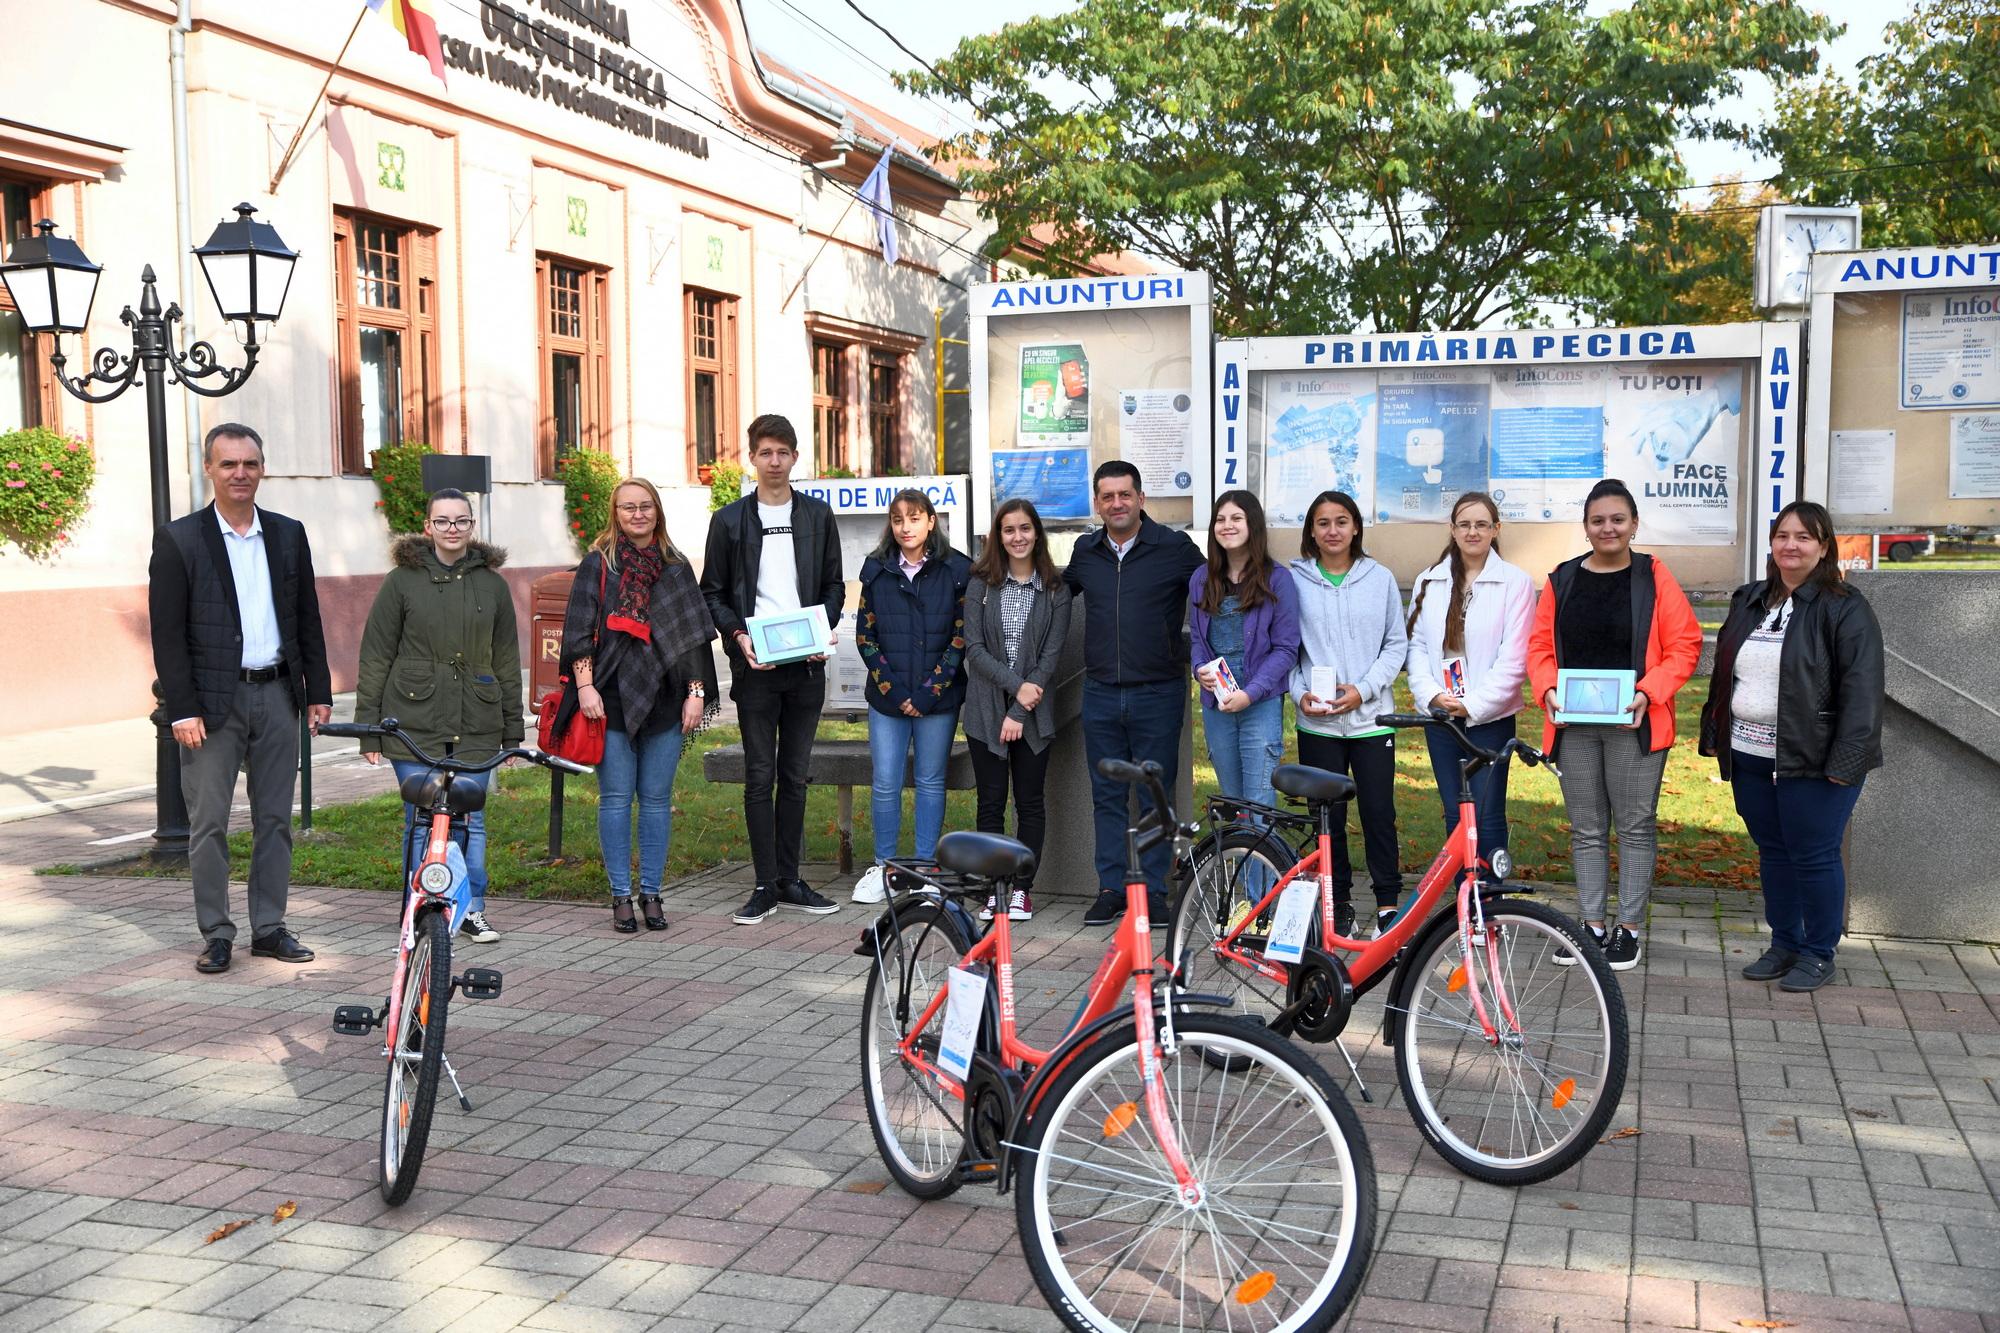 Telefoane, tablete sau biciclete pentru elevii pecicani de nota 10